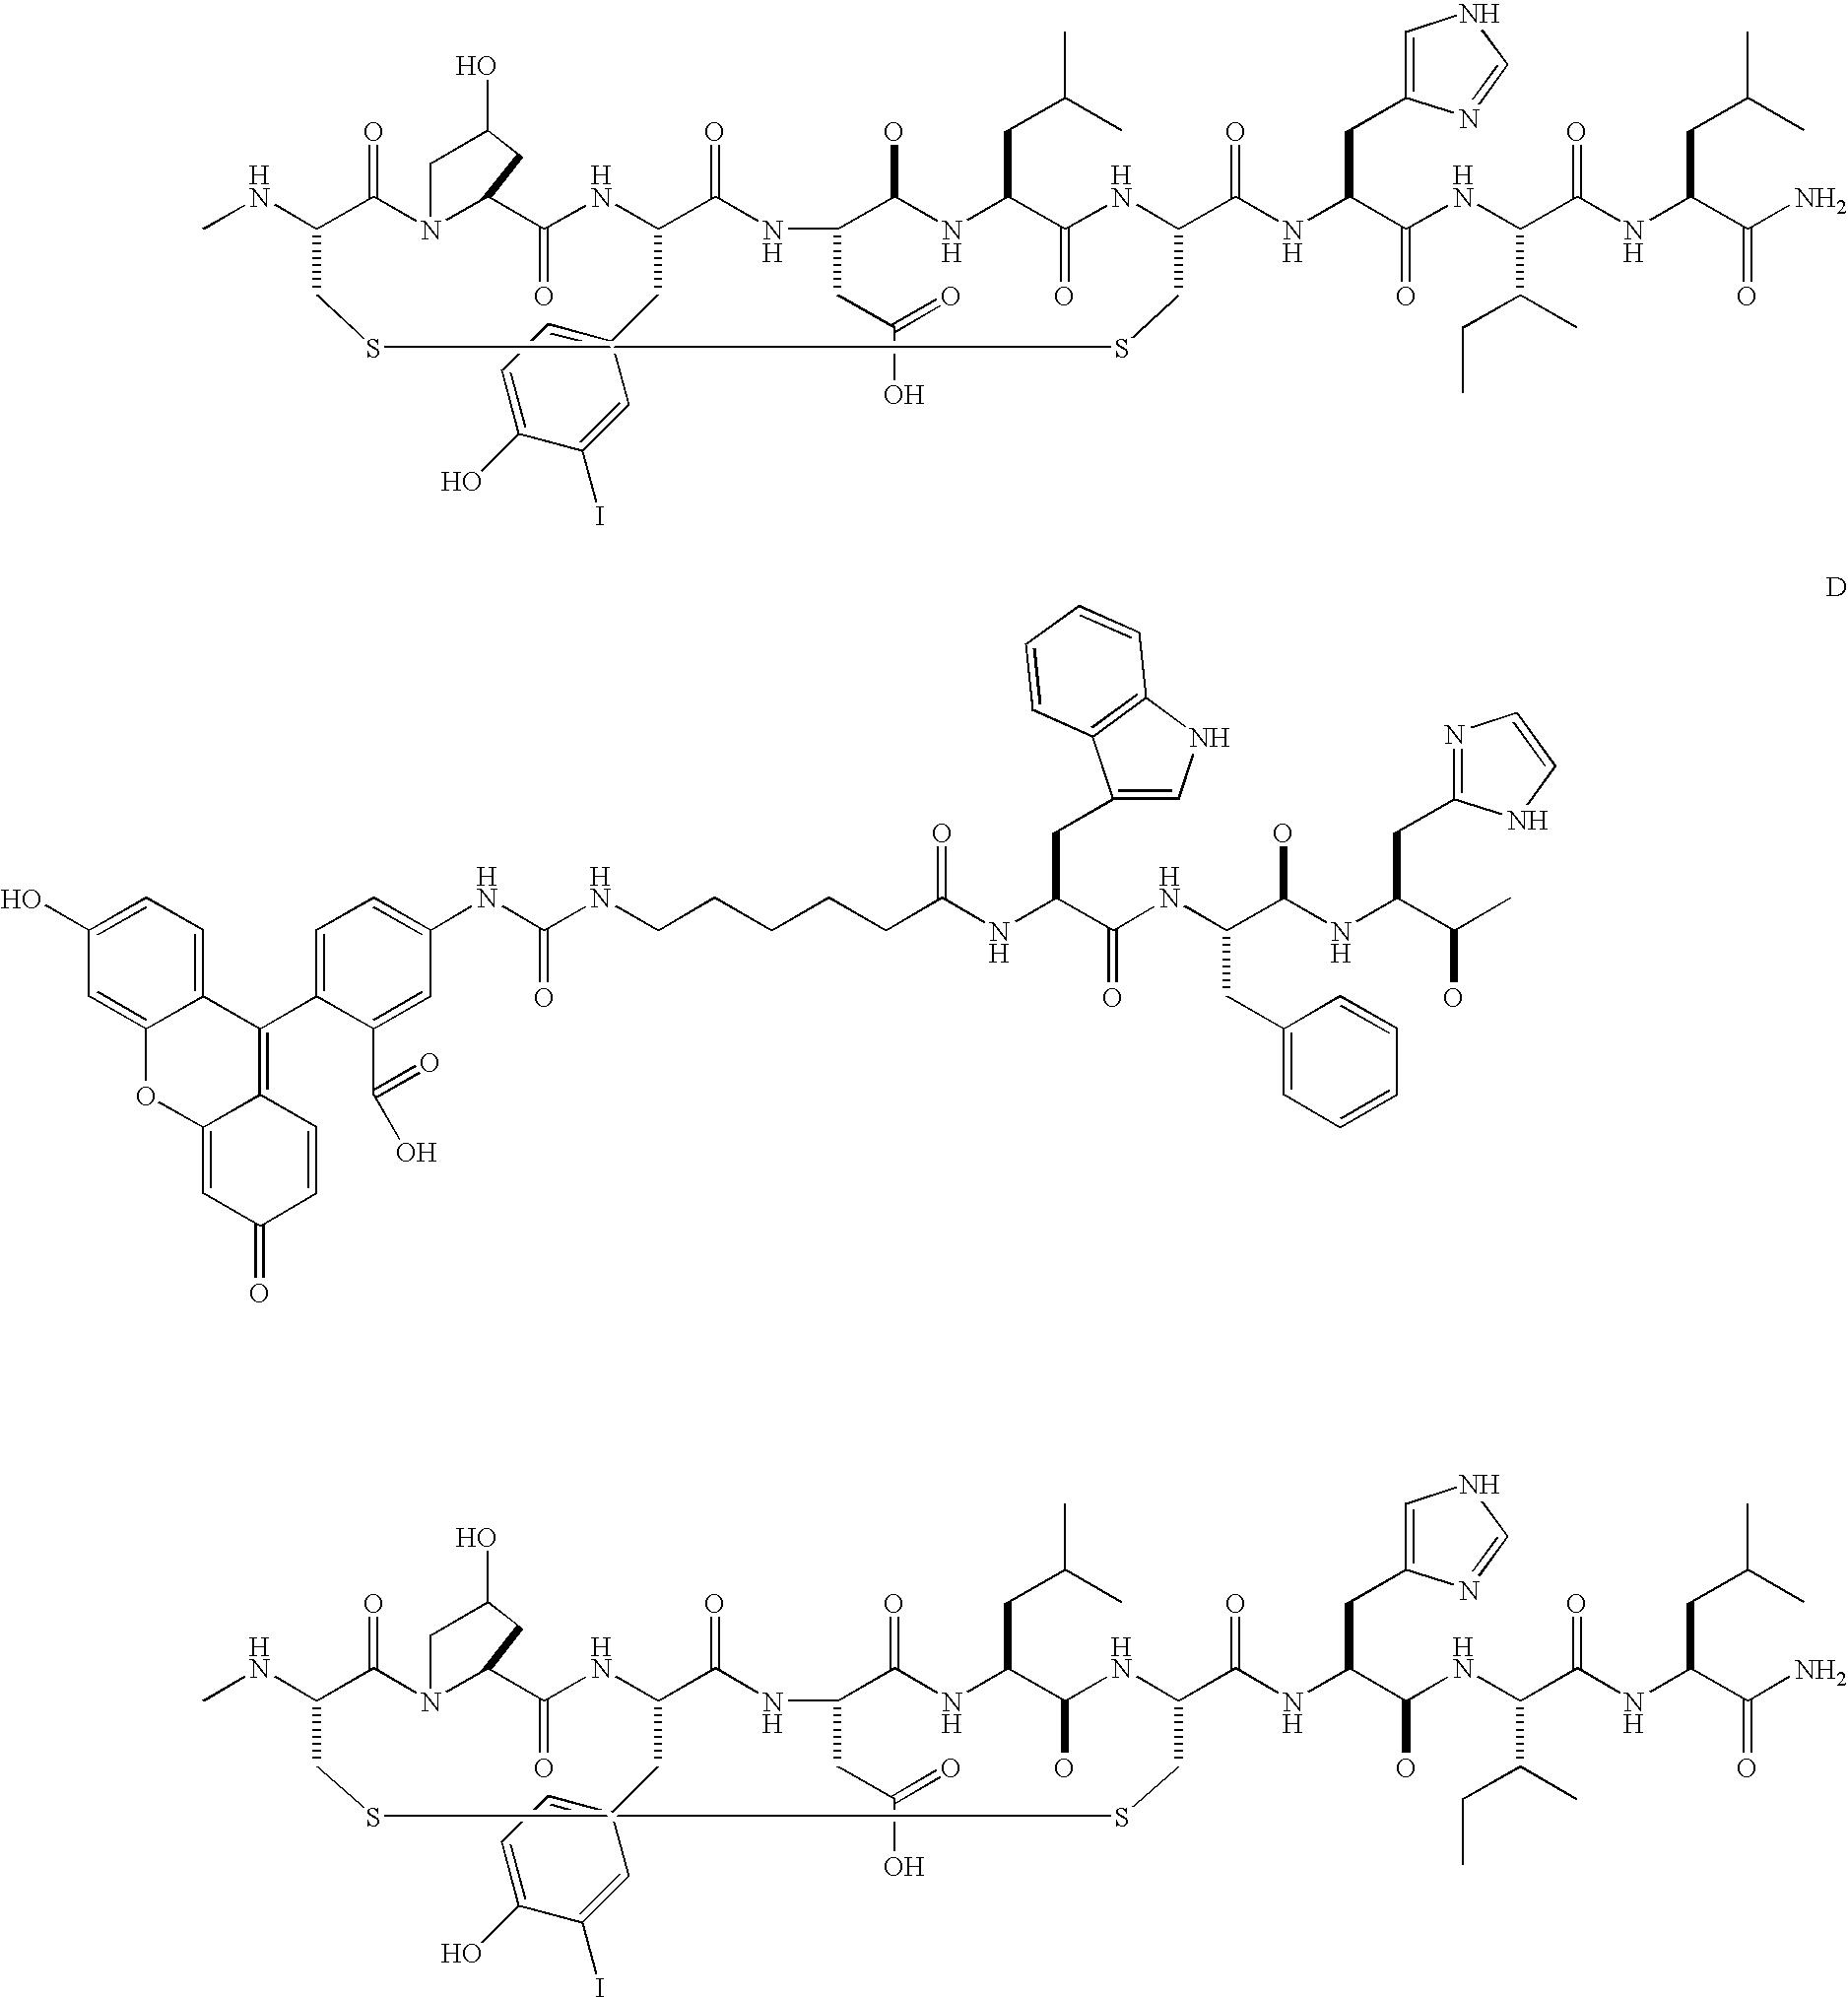 Figure US20030180222A1-20030925-C00140